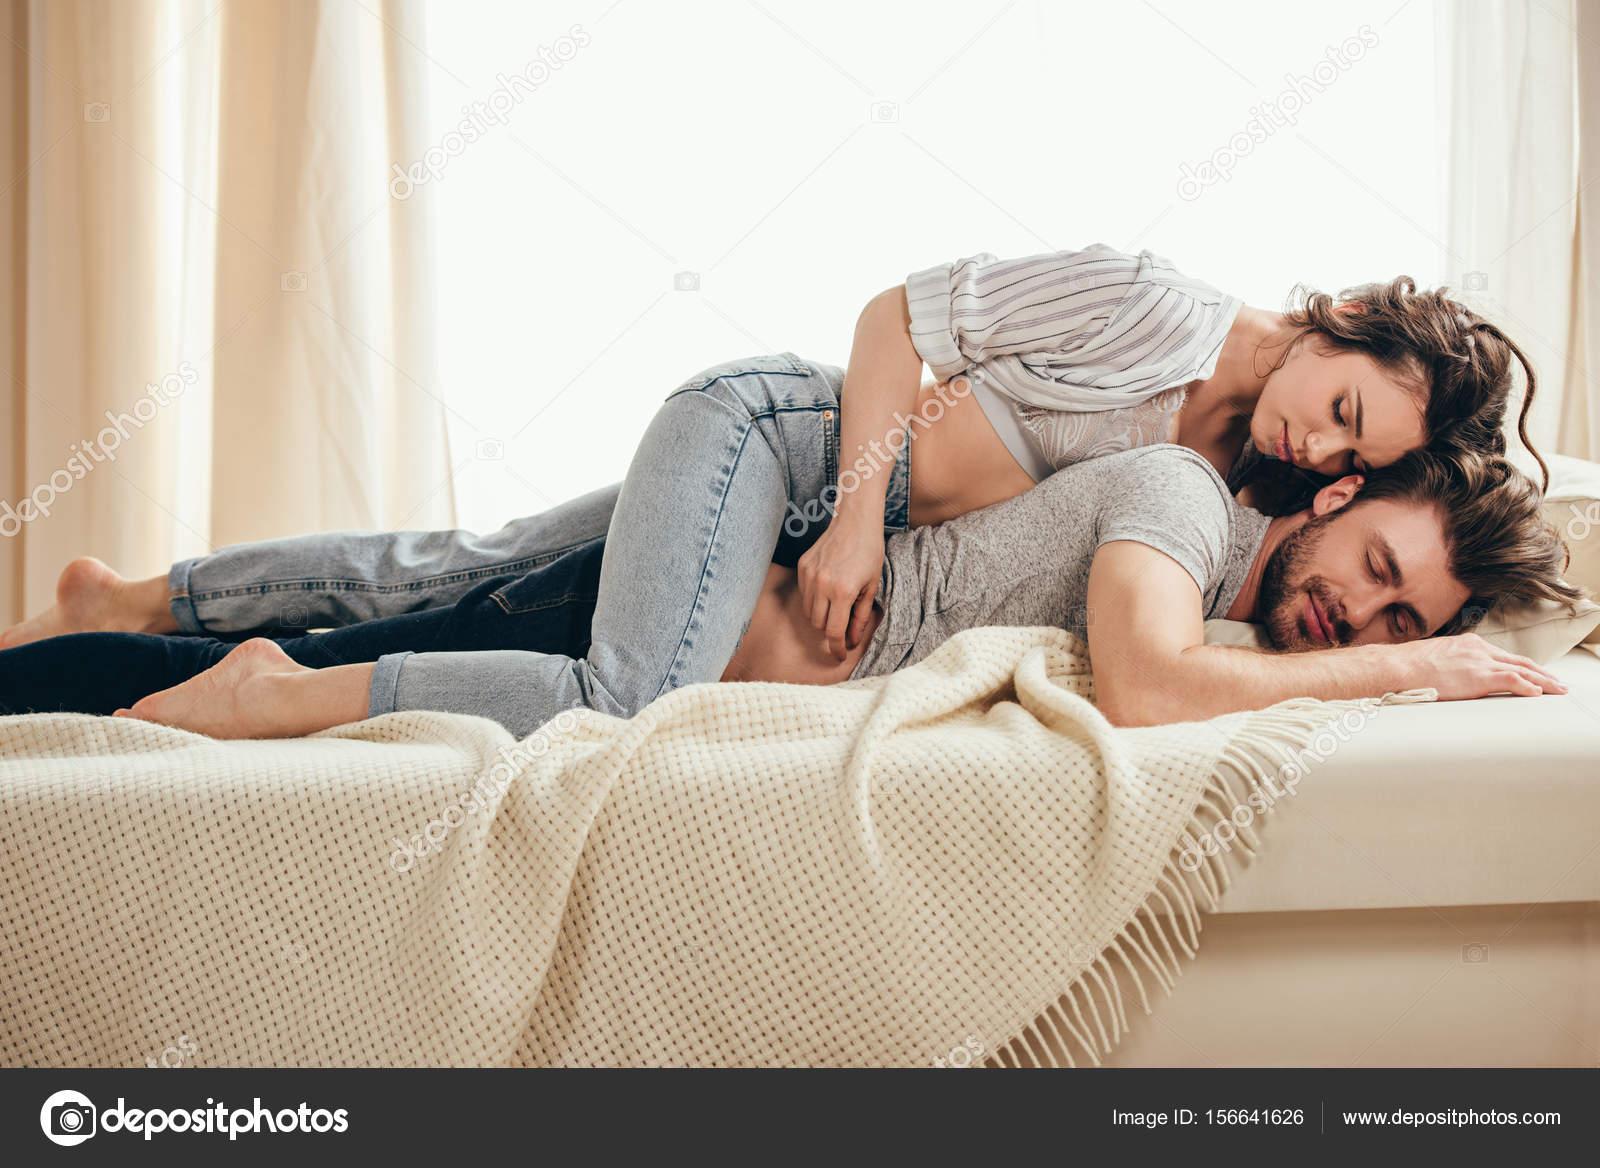 Quero Encontrar Casal Em Plano-3287